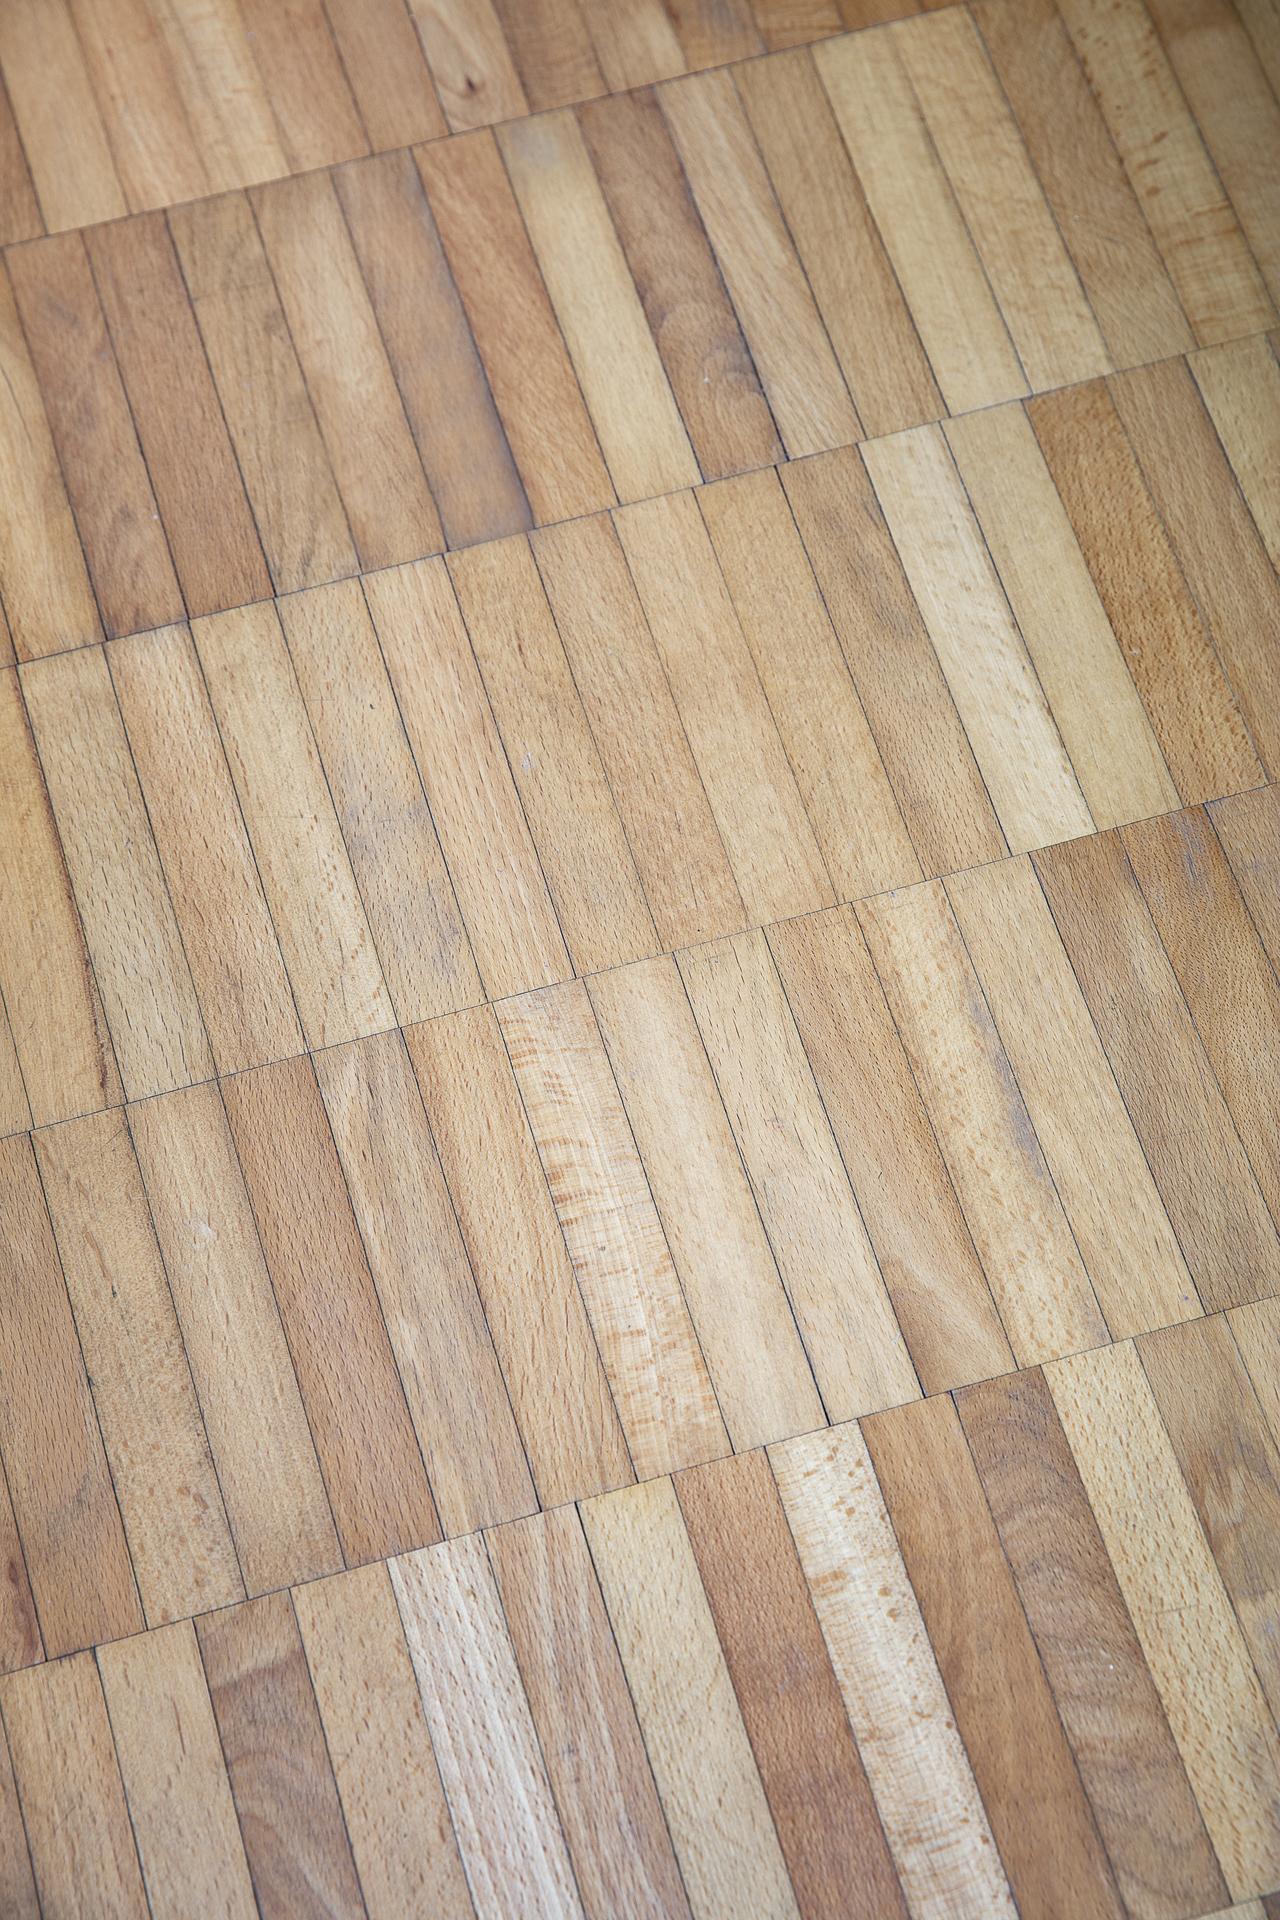 På golvet ligger stavparkett i originalutförande